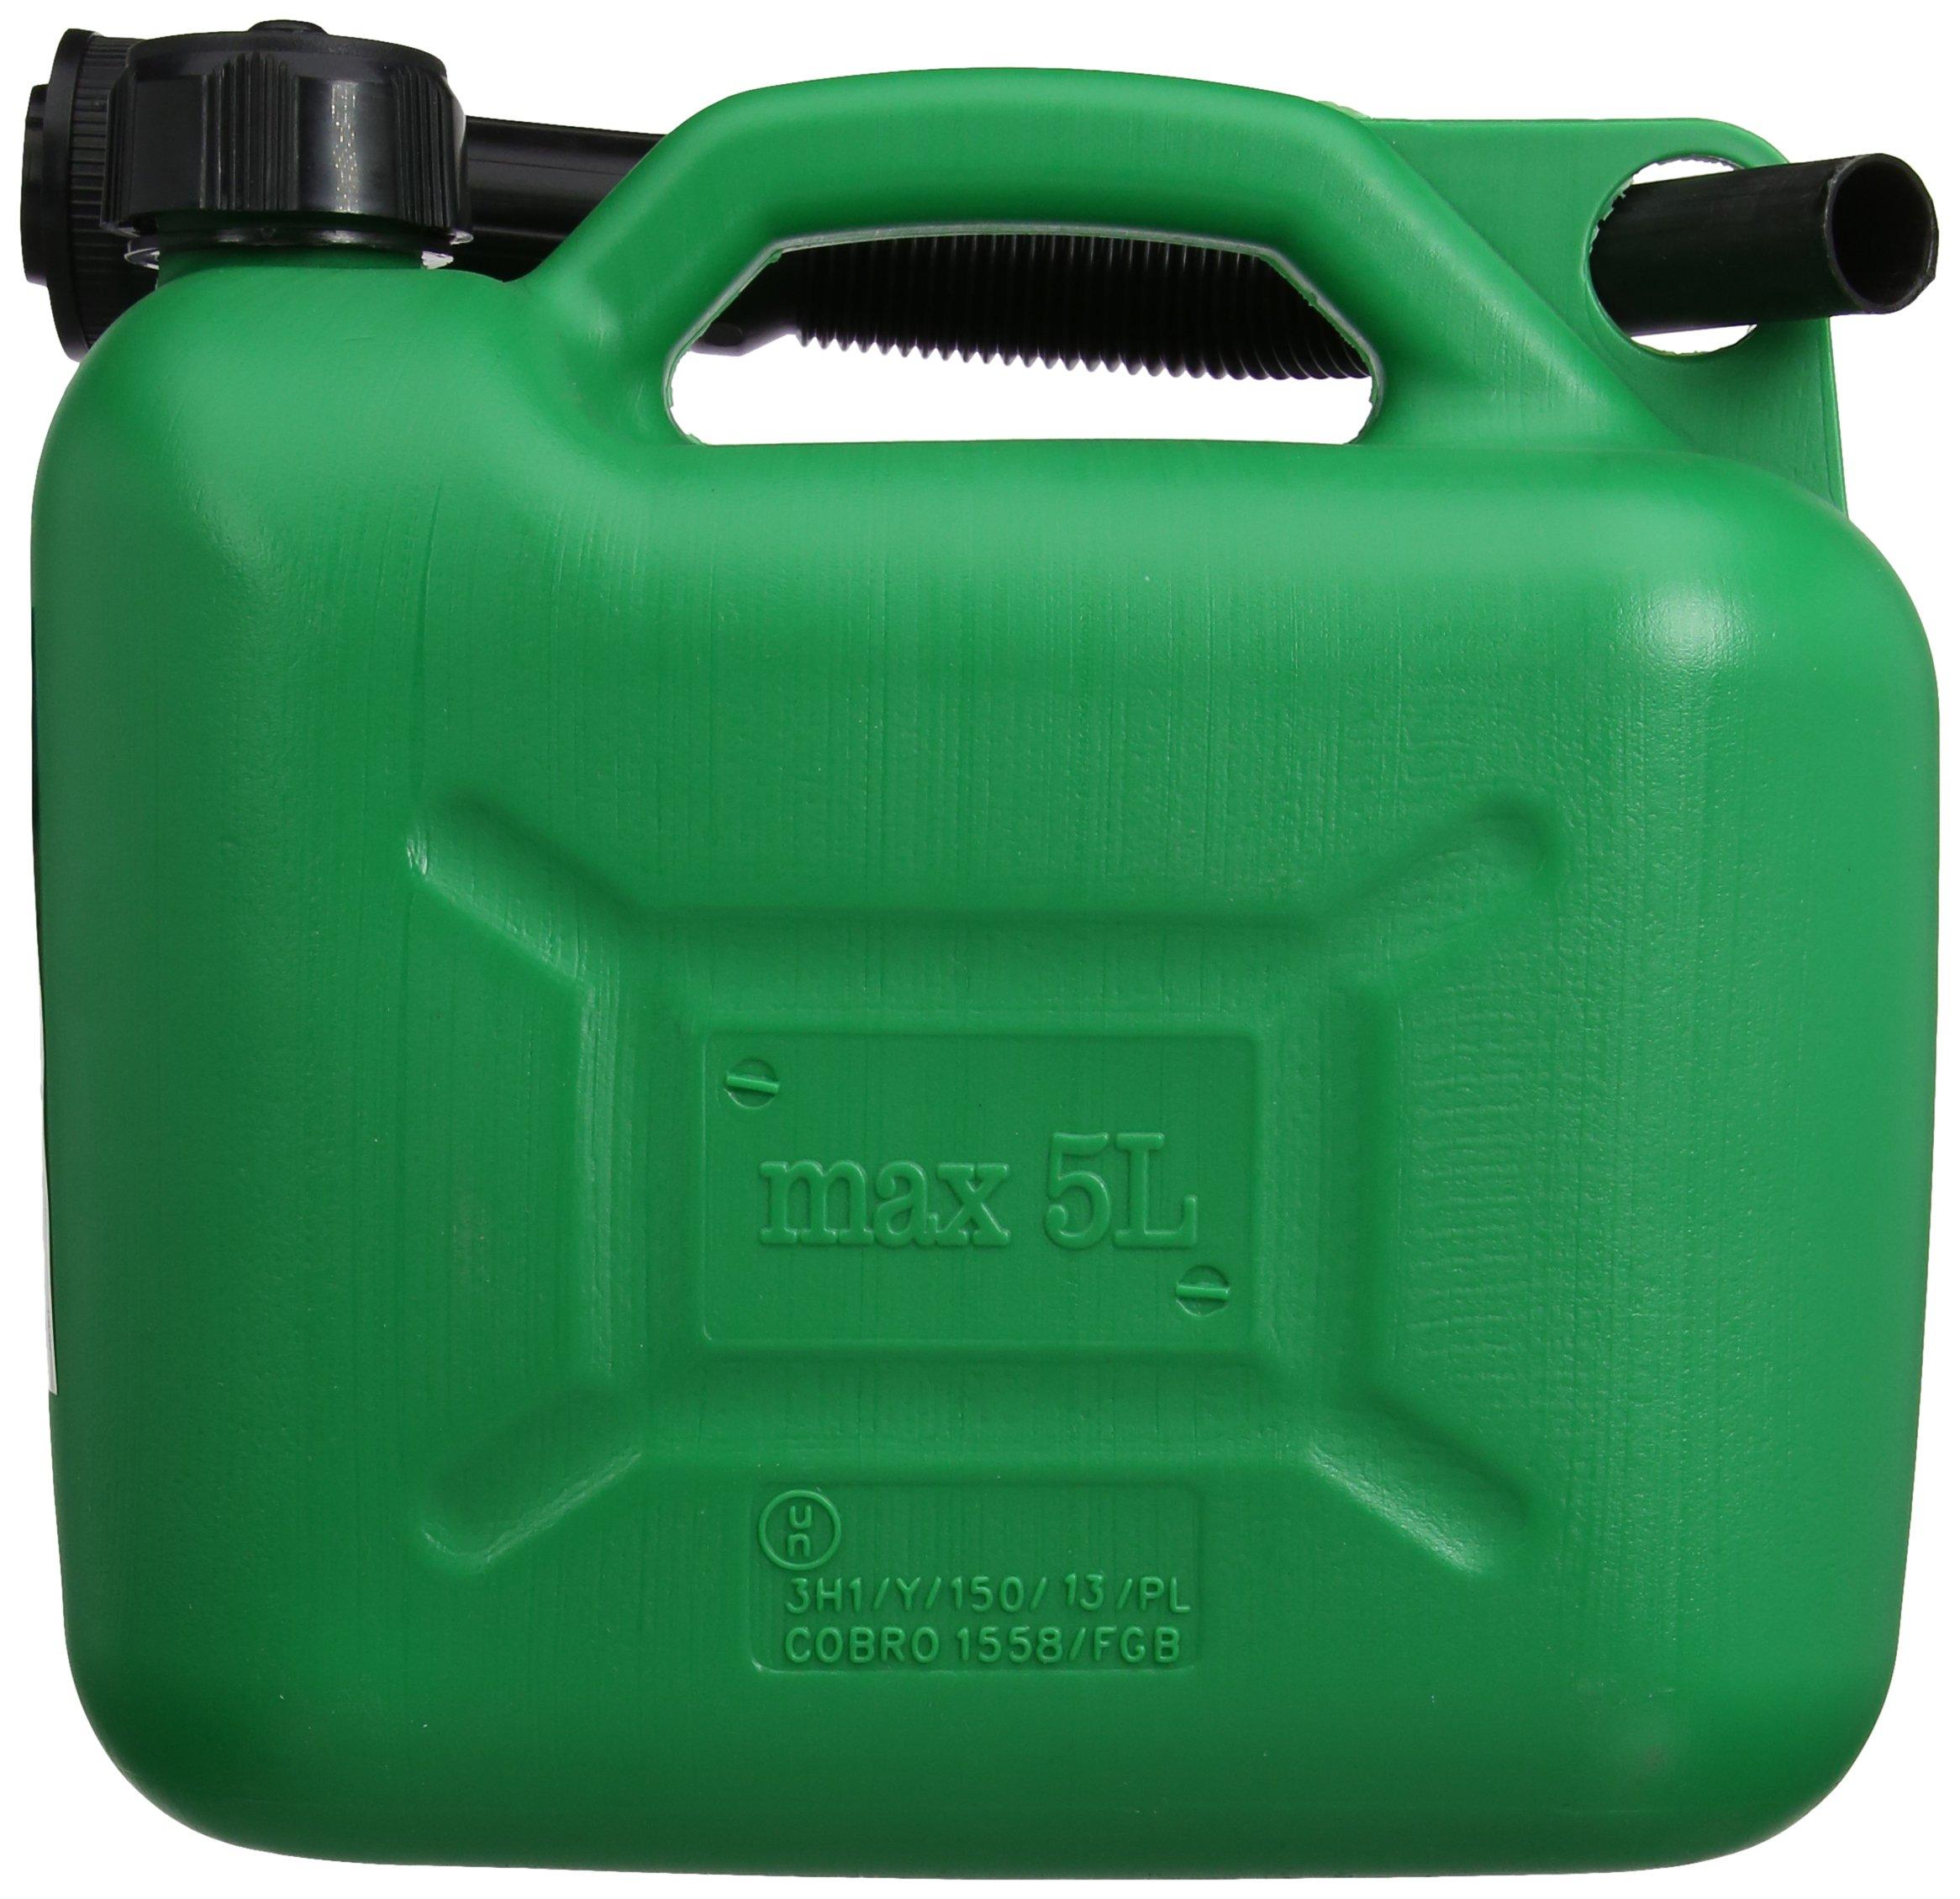 Silverline 847074 - Lata de Gasolina product image